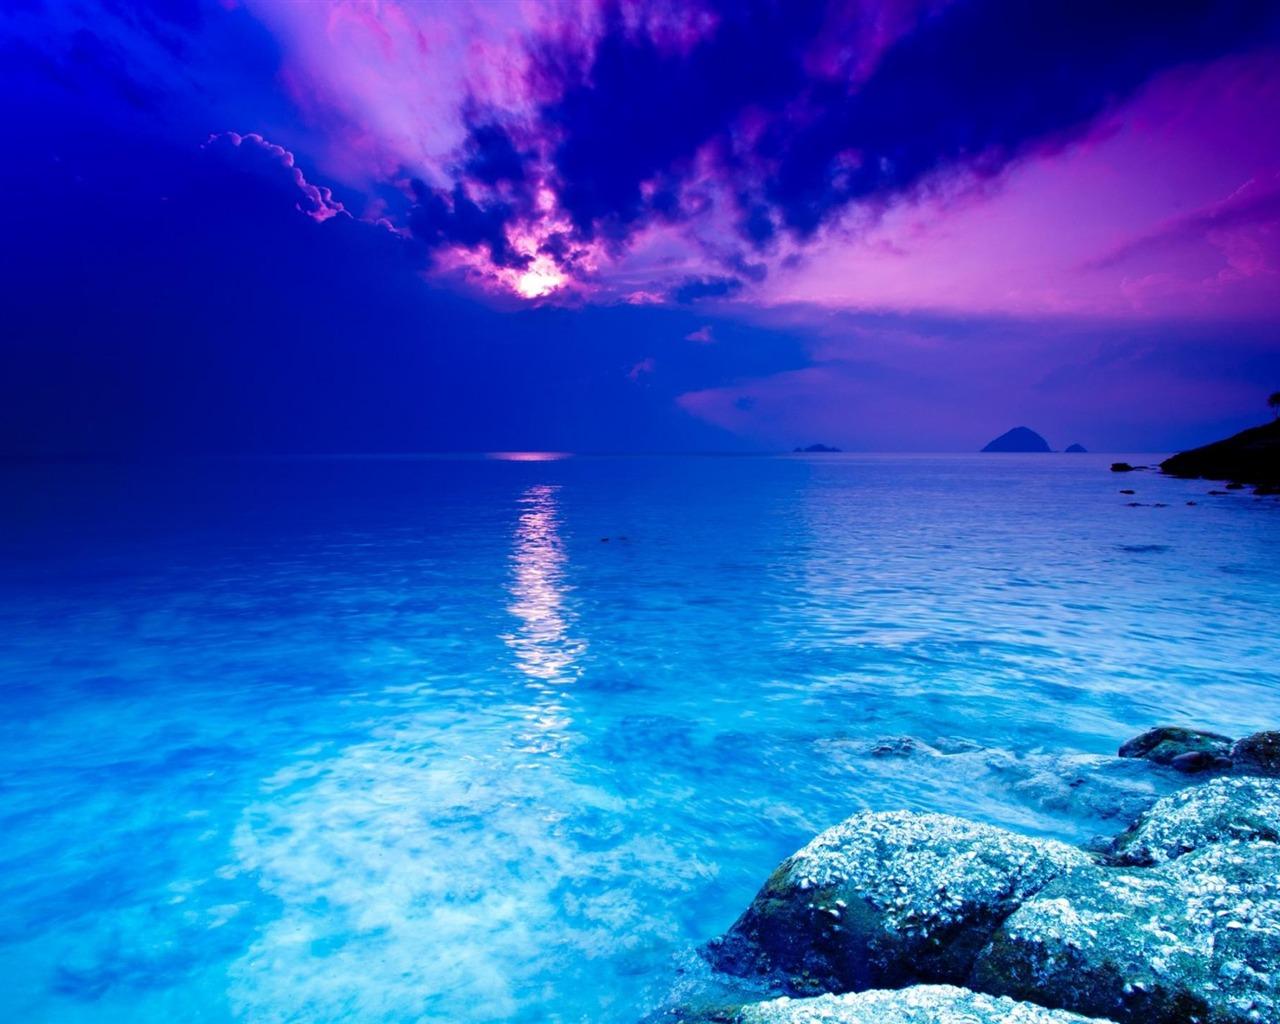 クリスタルブルー 世界で最も美しい風景の壁紙プレビュー